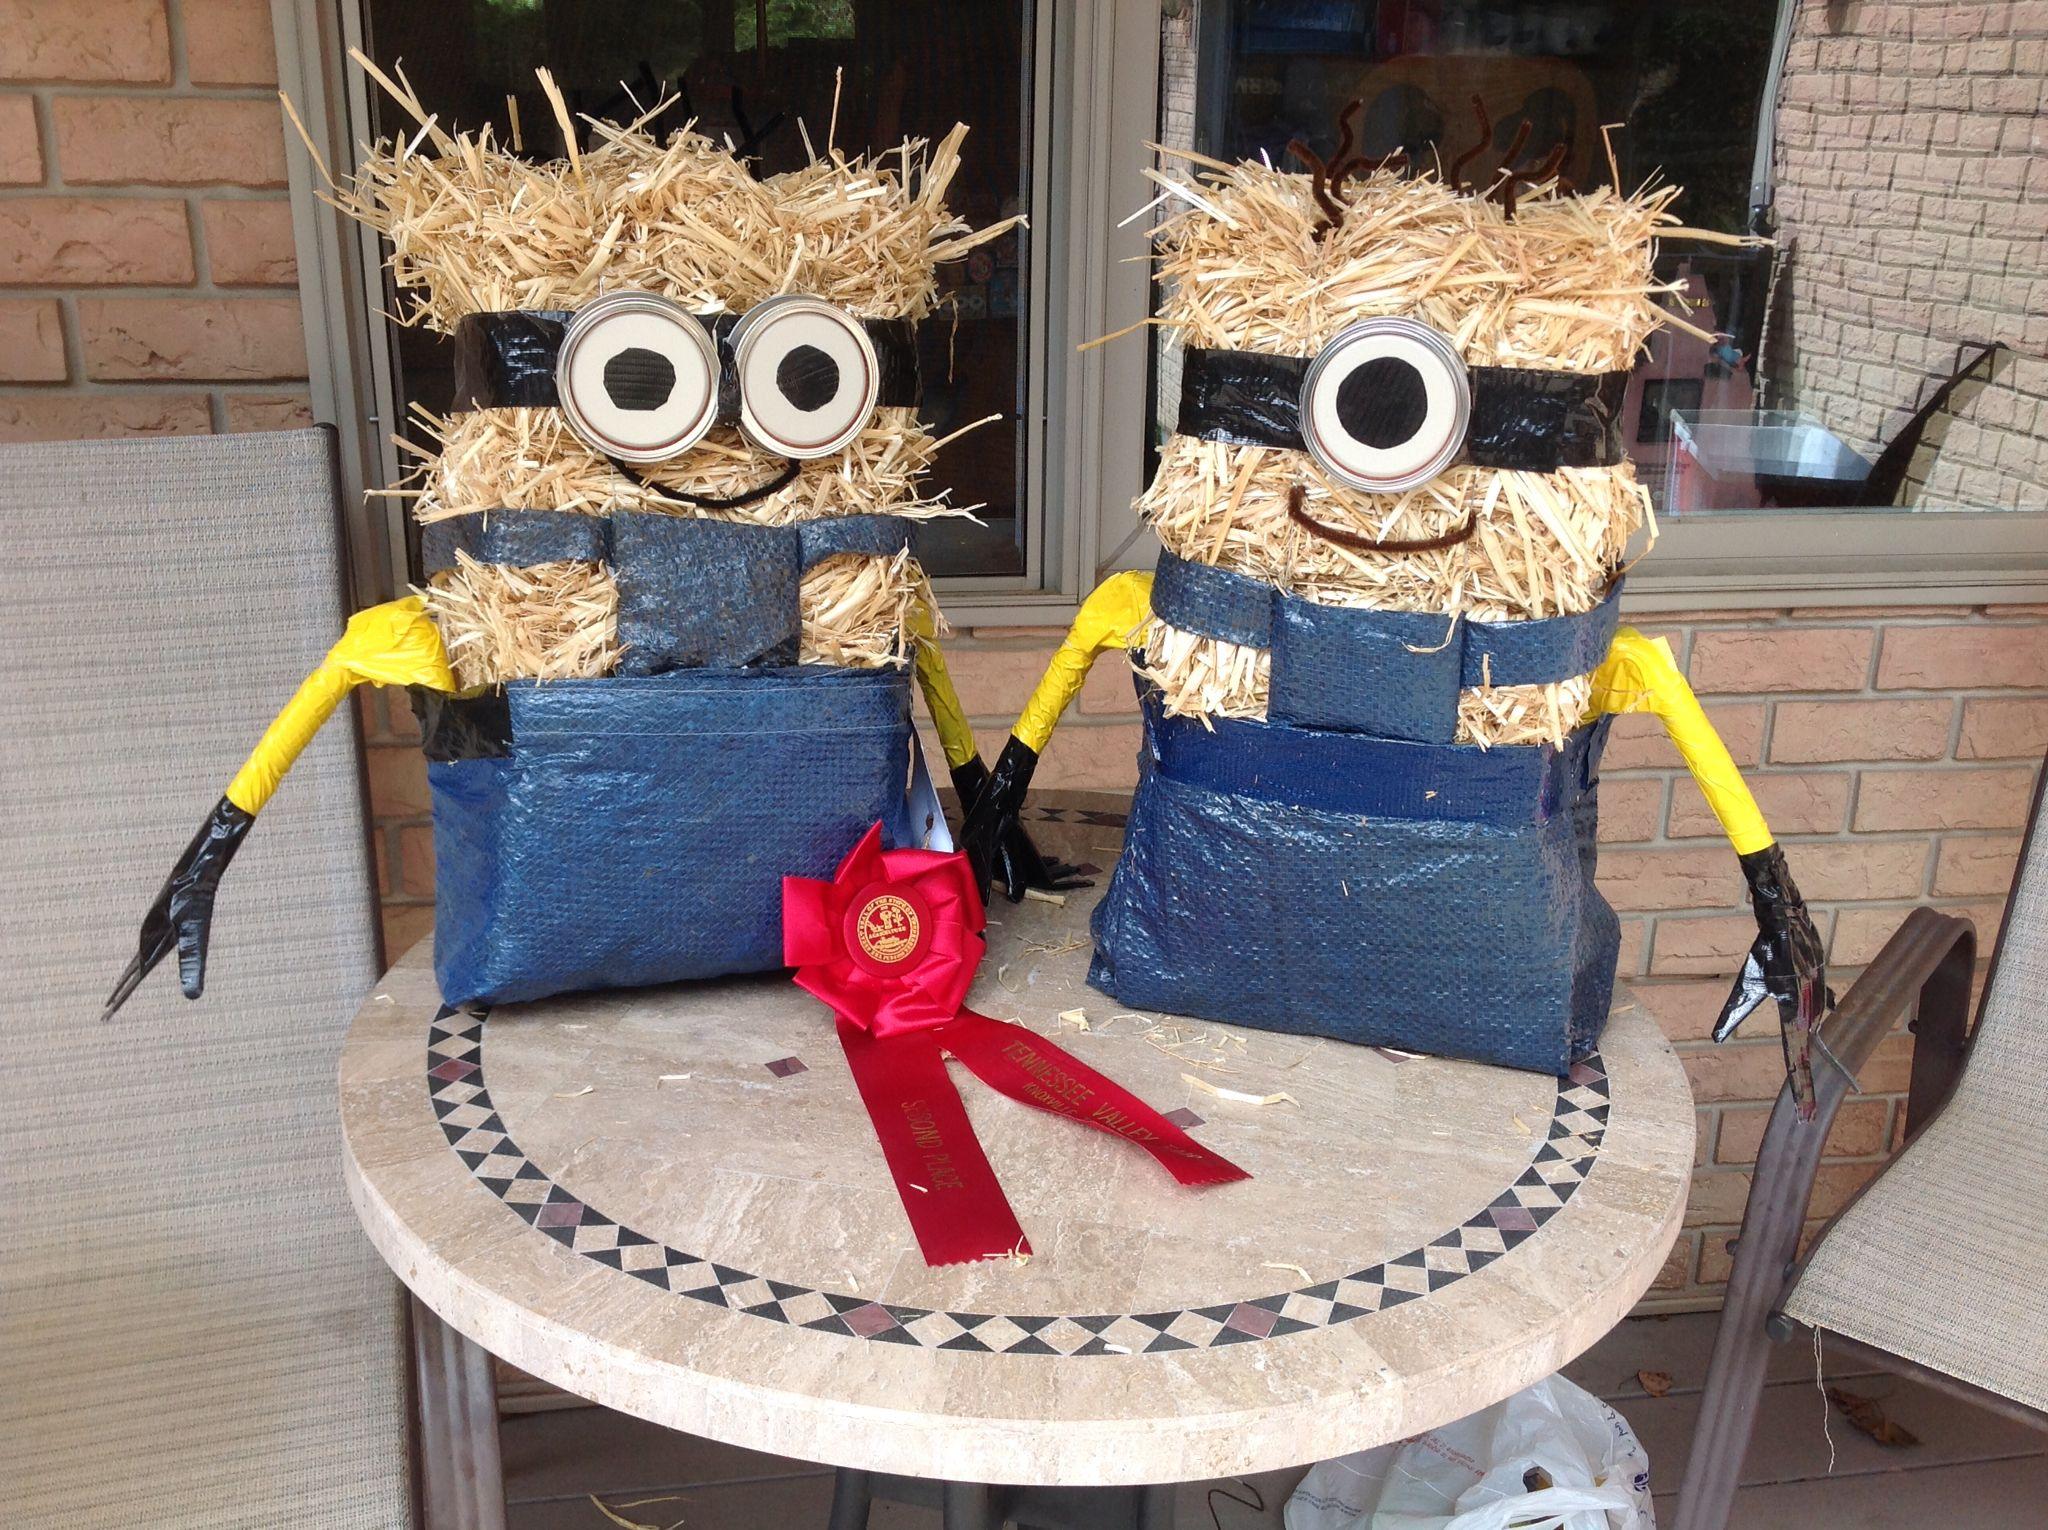 Minion Scarecrows Easy To Make